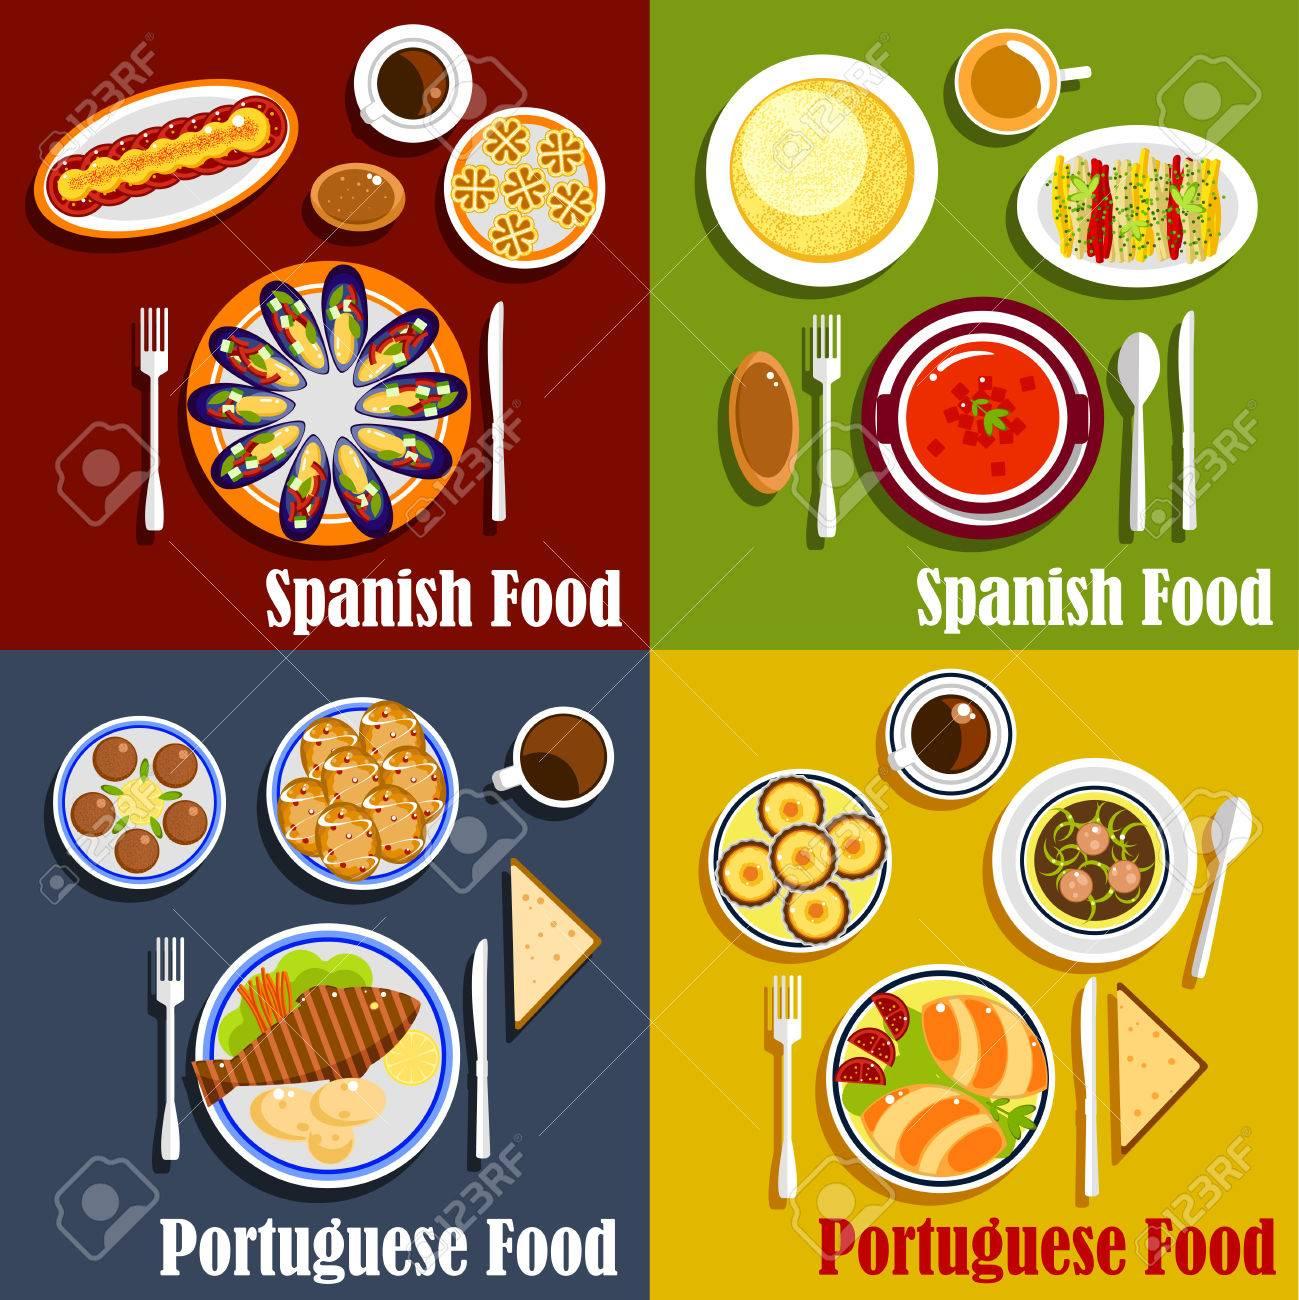 Cocina Mediterránea Con El Icono Plana Español Gazpacho, Mejillones ...